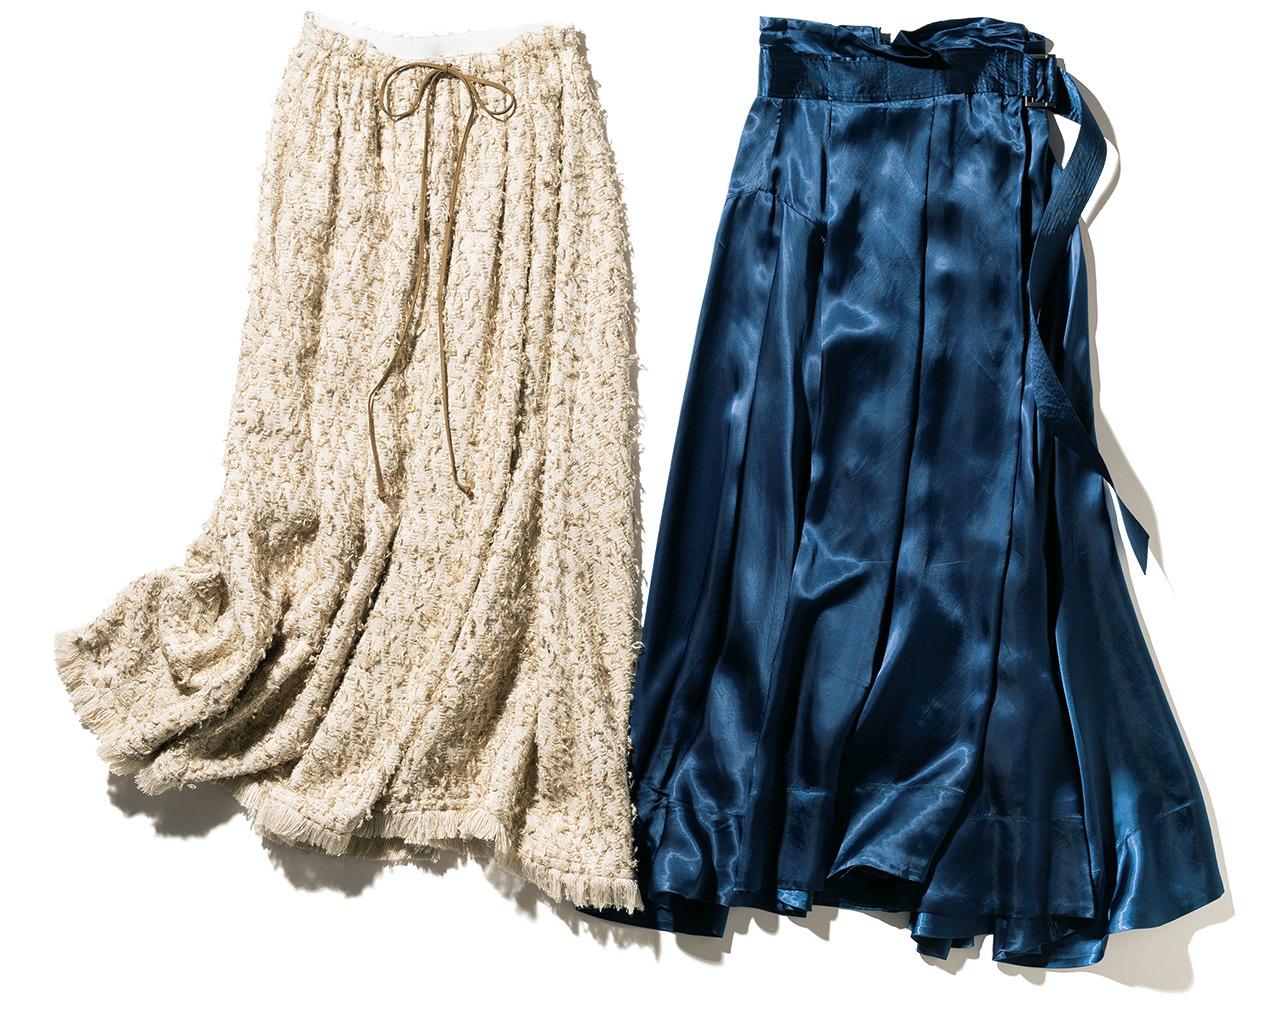 磯部のツヤ素材のラップスカート、三尋木のツイードのフレアスカート